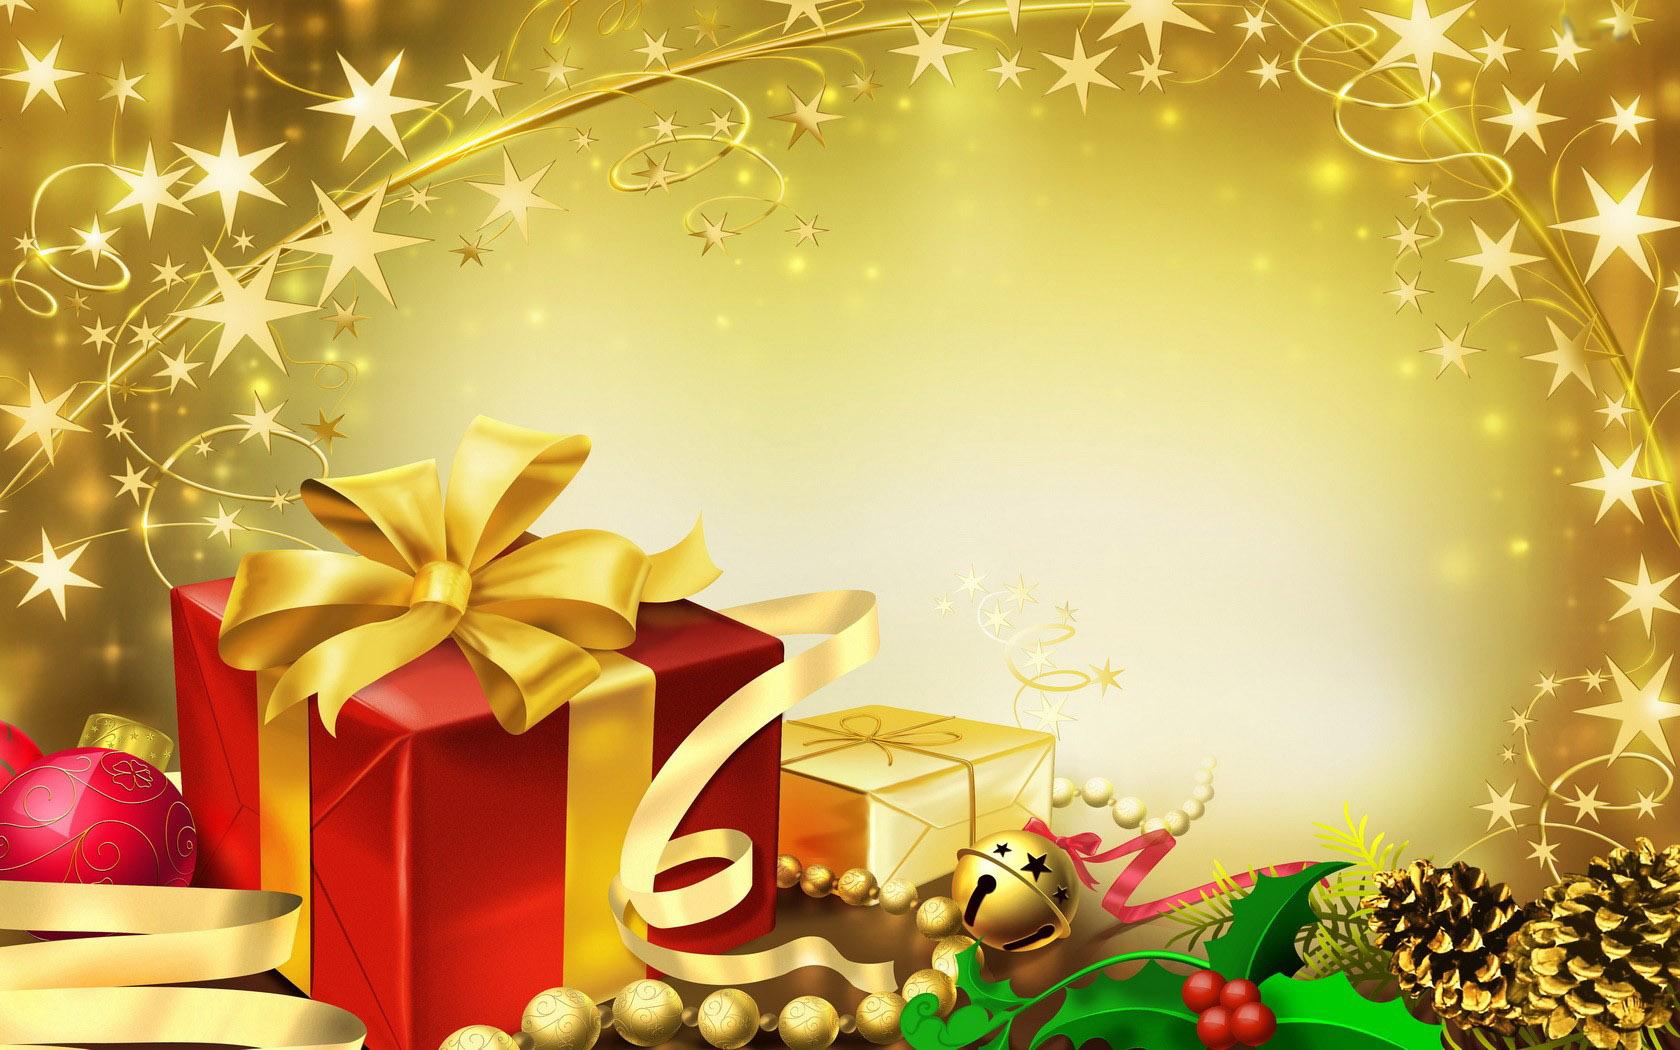 Christmas gifts graphics